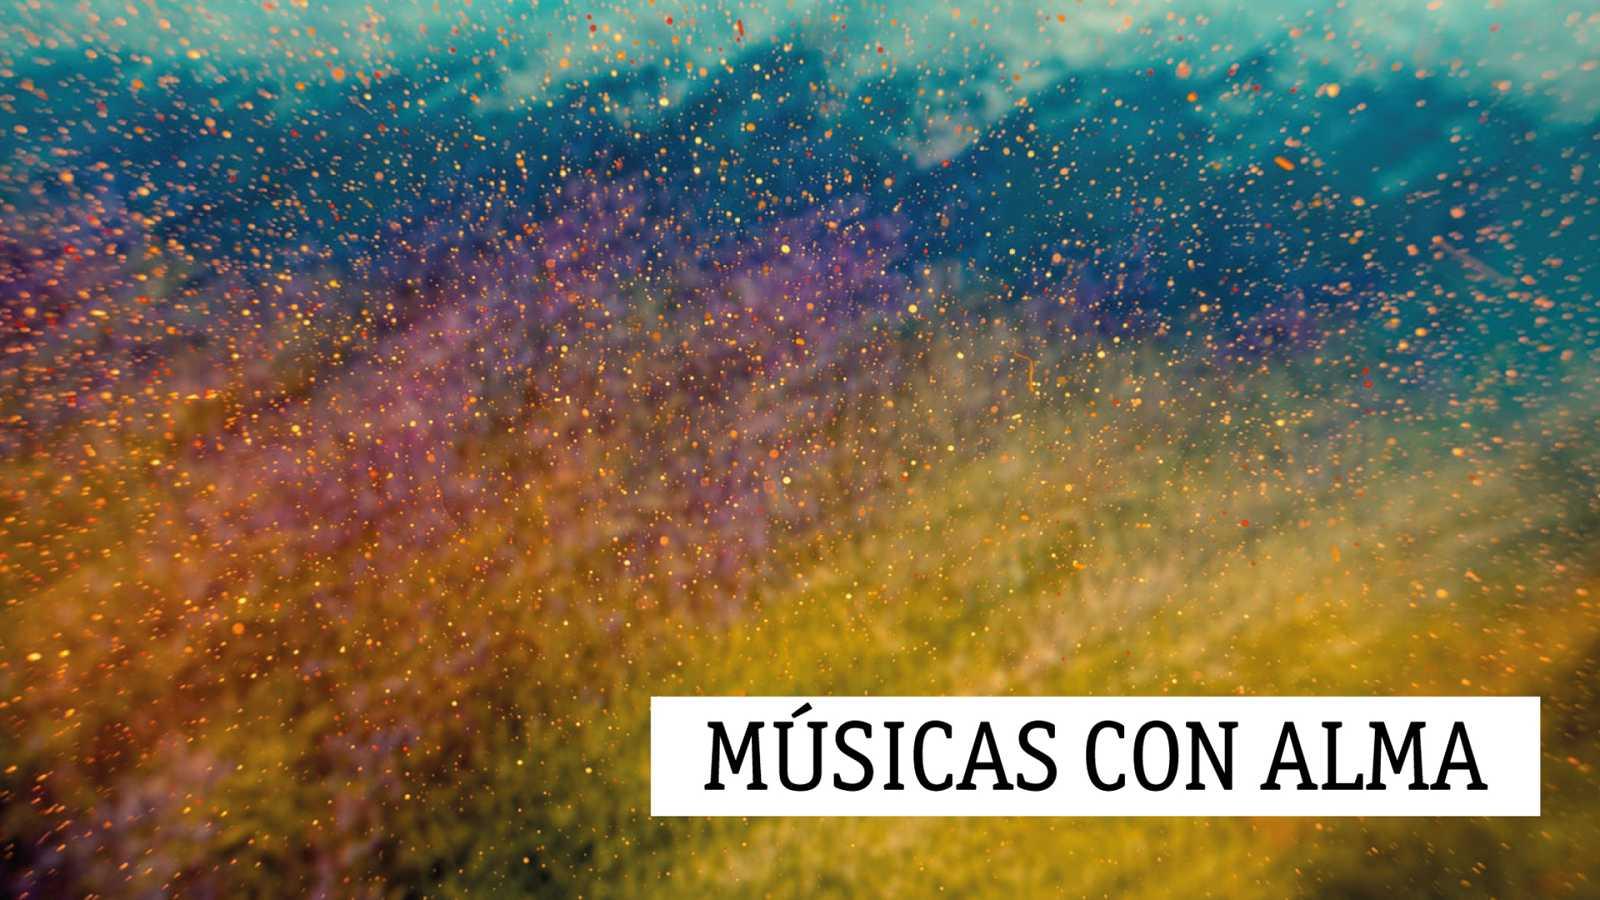 Músicas con alma - Suerte - 03/02/21 - escuchar ahora